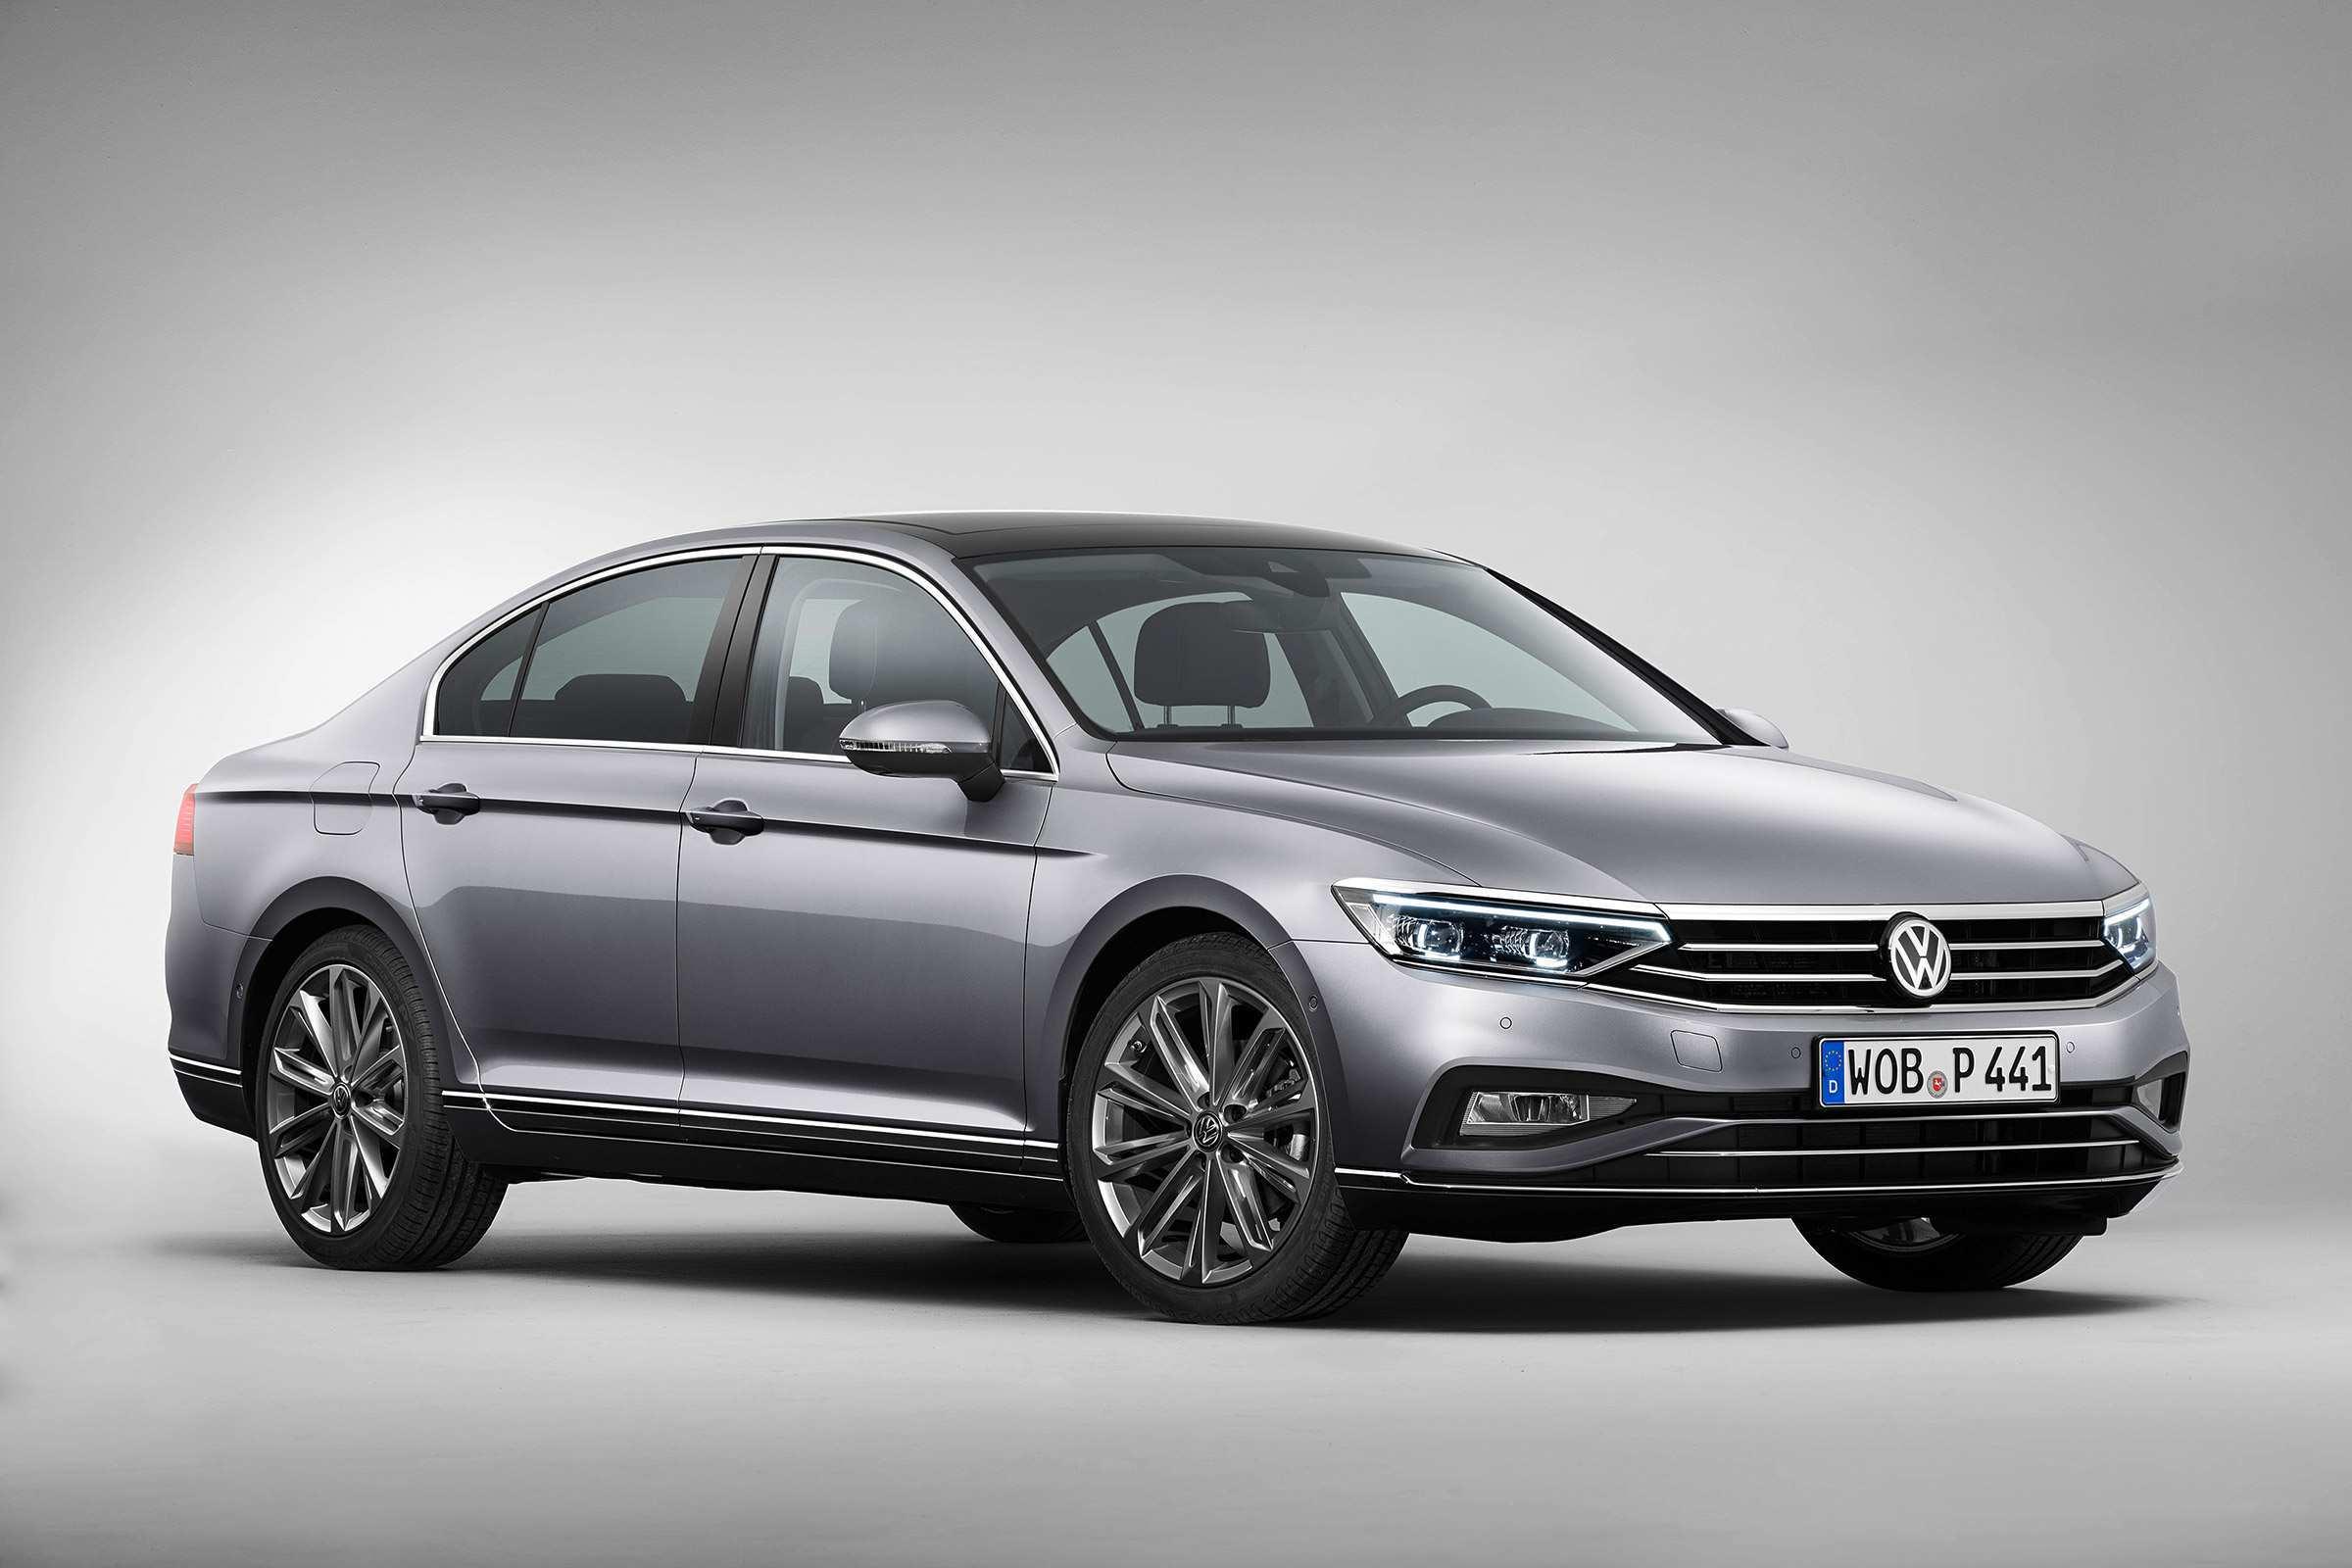 46 Gallery of Volkswagen 2019 Colors Rumor Release Date with Volkswagen 2019 Colors Rumor